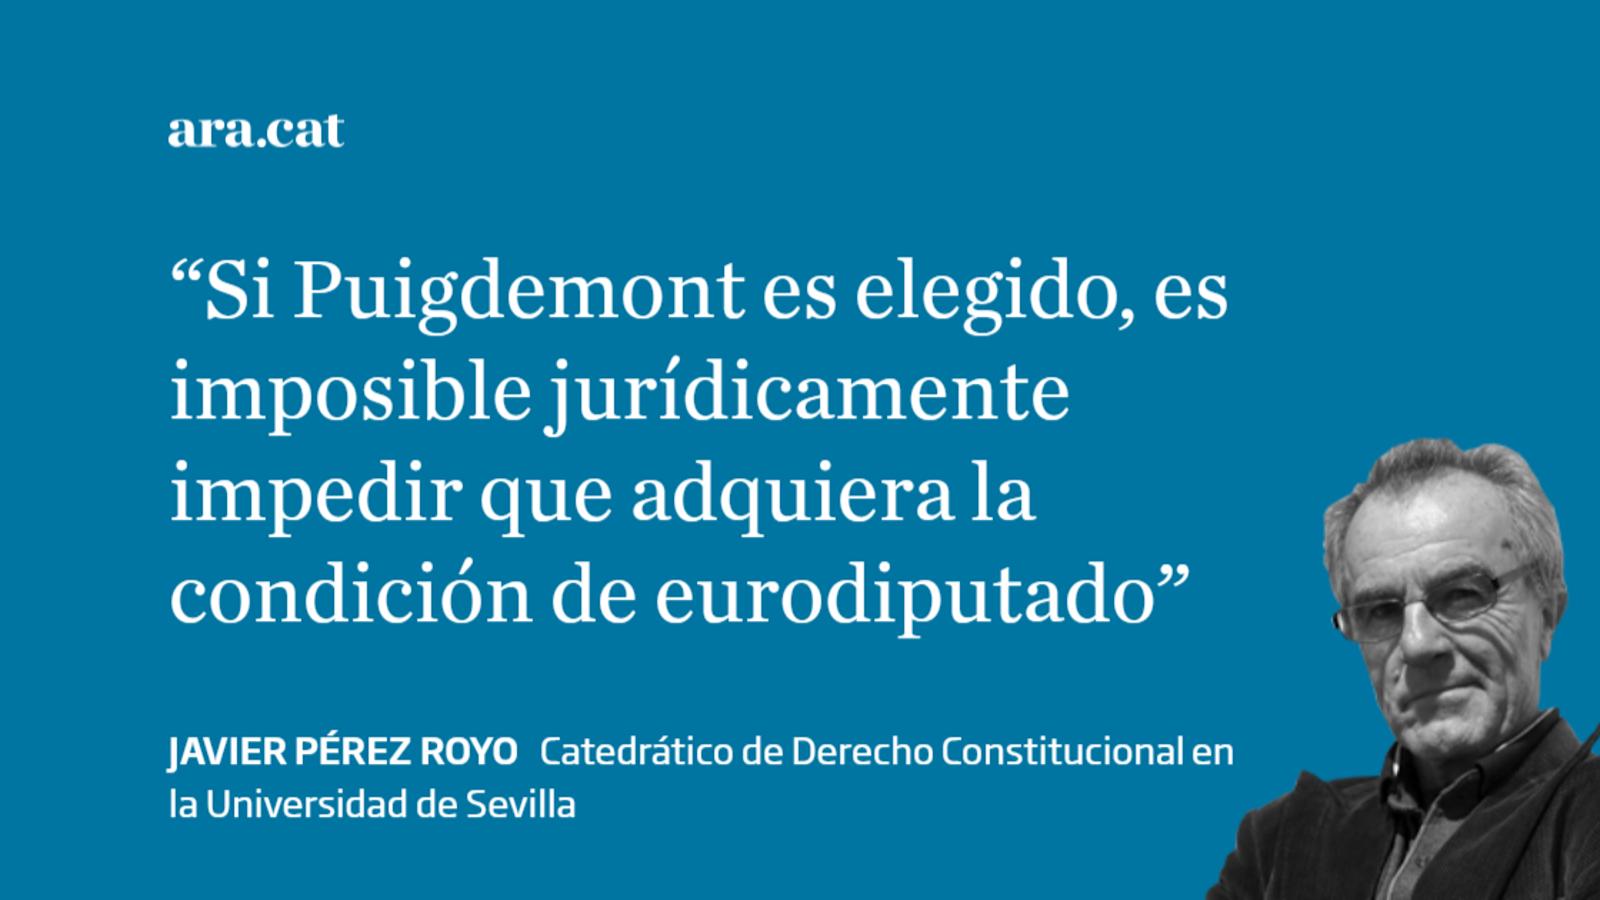 Puigdemont y Junqueras, ¿eurodiputados?